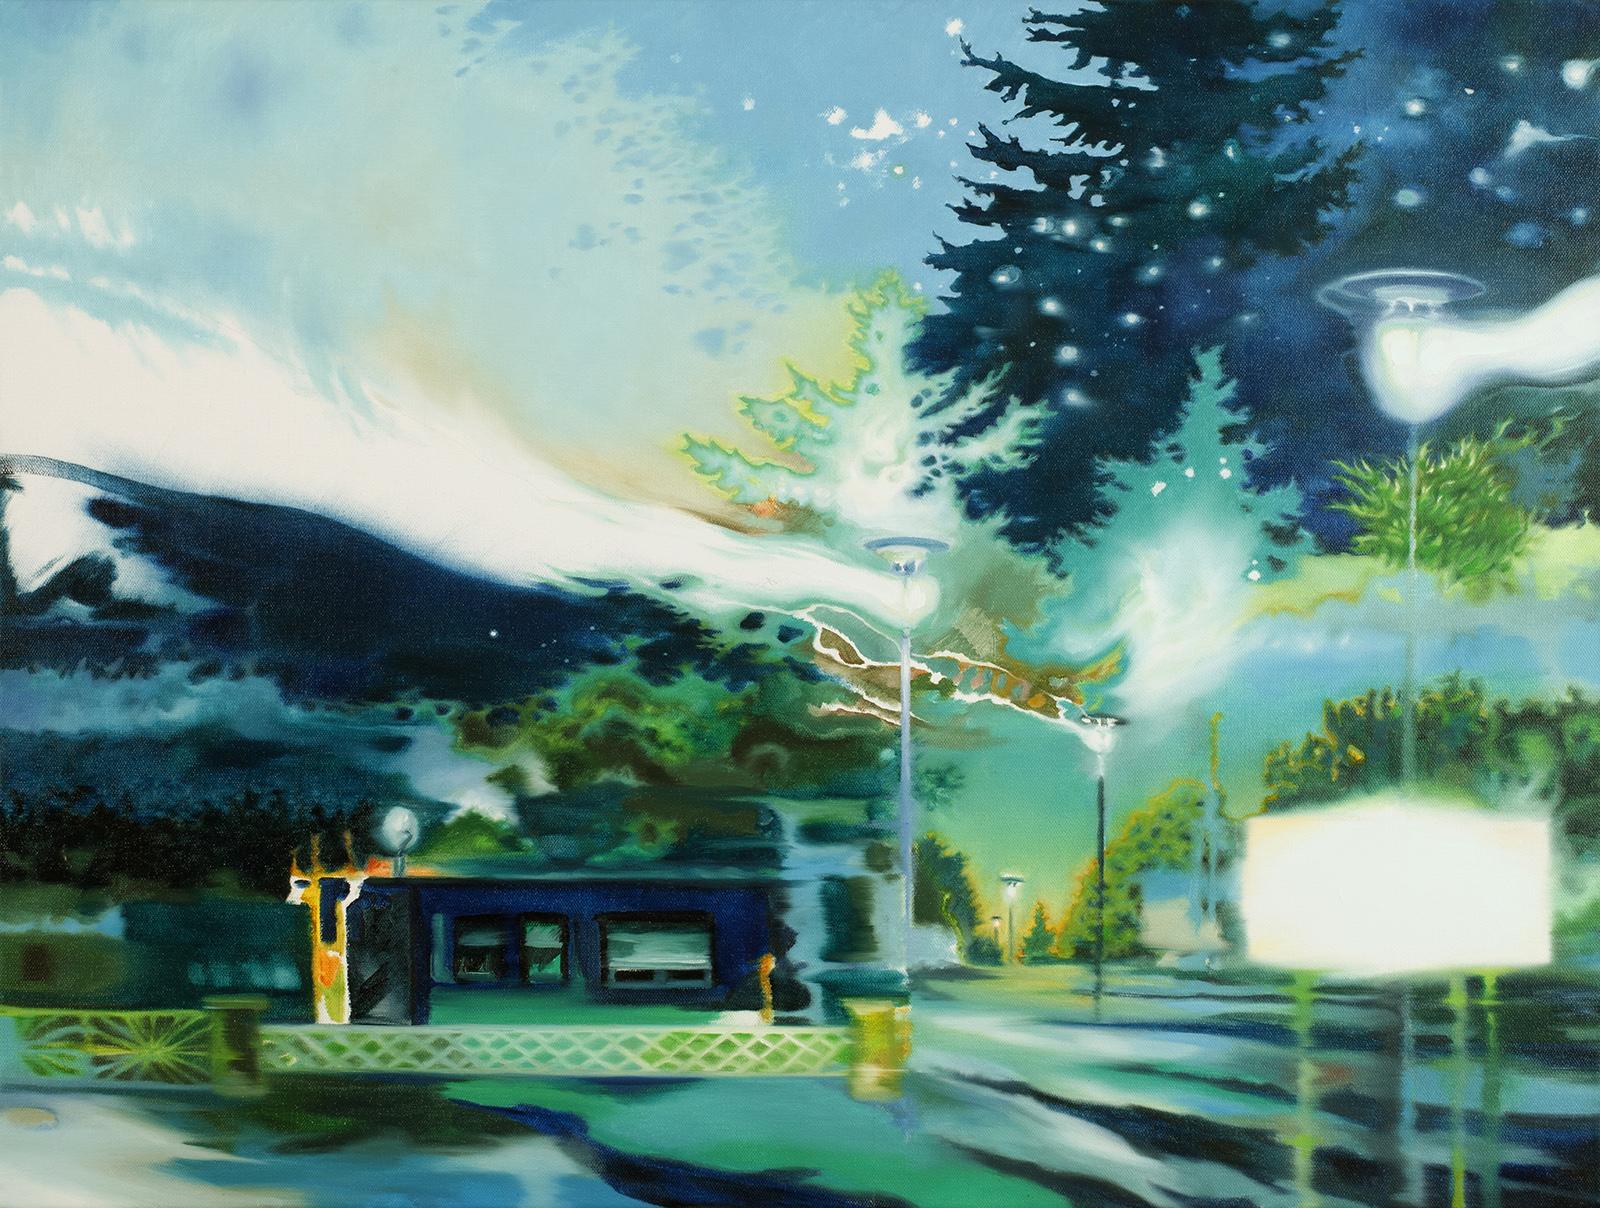 Private Sphäre 2010, 60 x 80 cm, Öl auf Leinwand  Private Domain 2010, oil on canvas